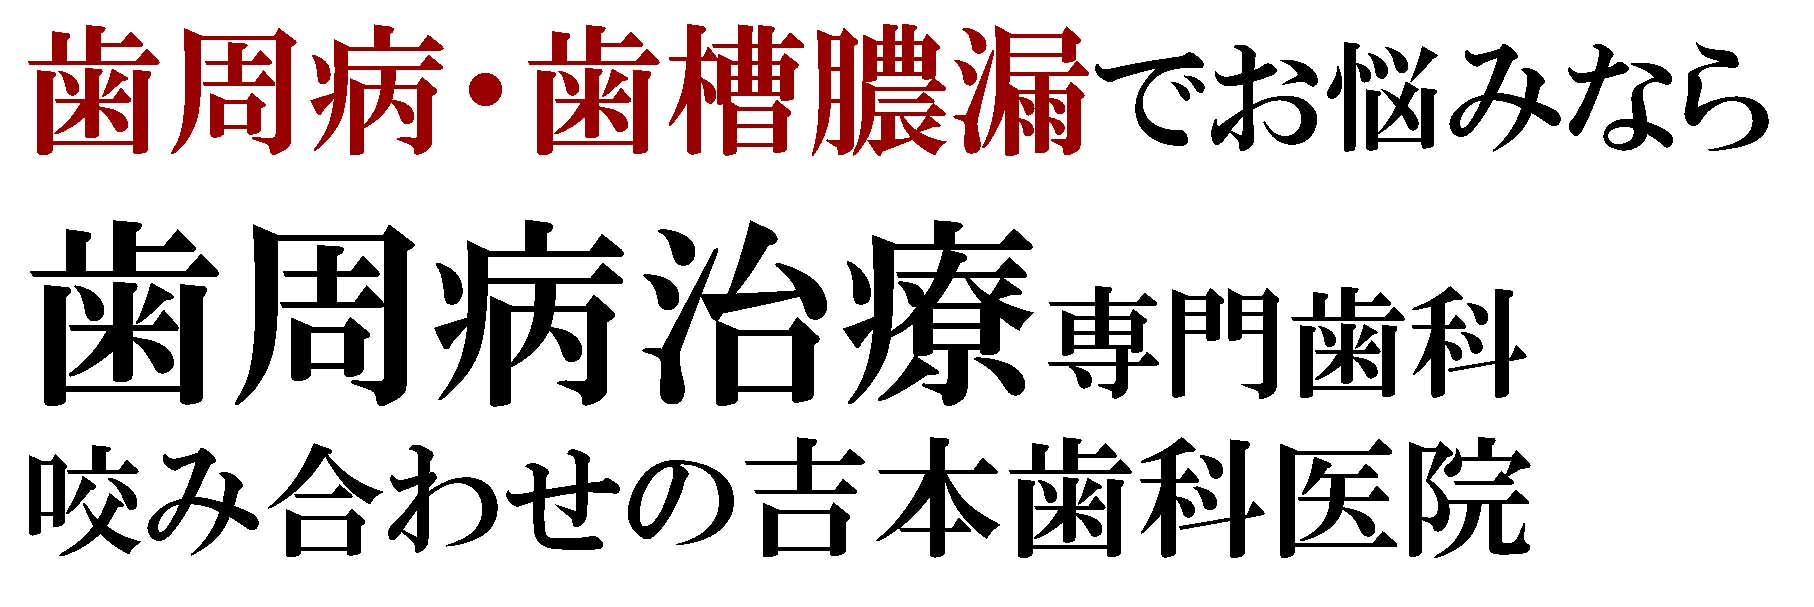 香川県で歯周病治療や歯槽膿漏でお悩みなら|高松市屋島西町の吉本歯科医院